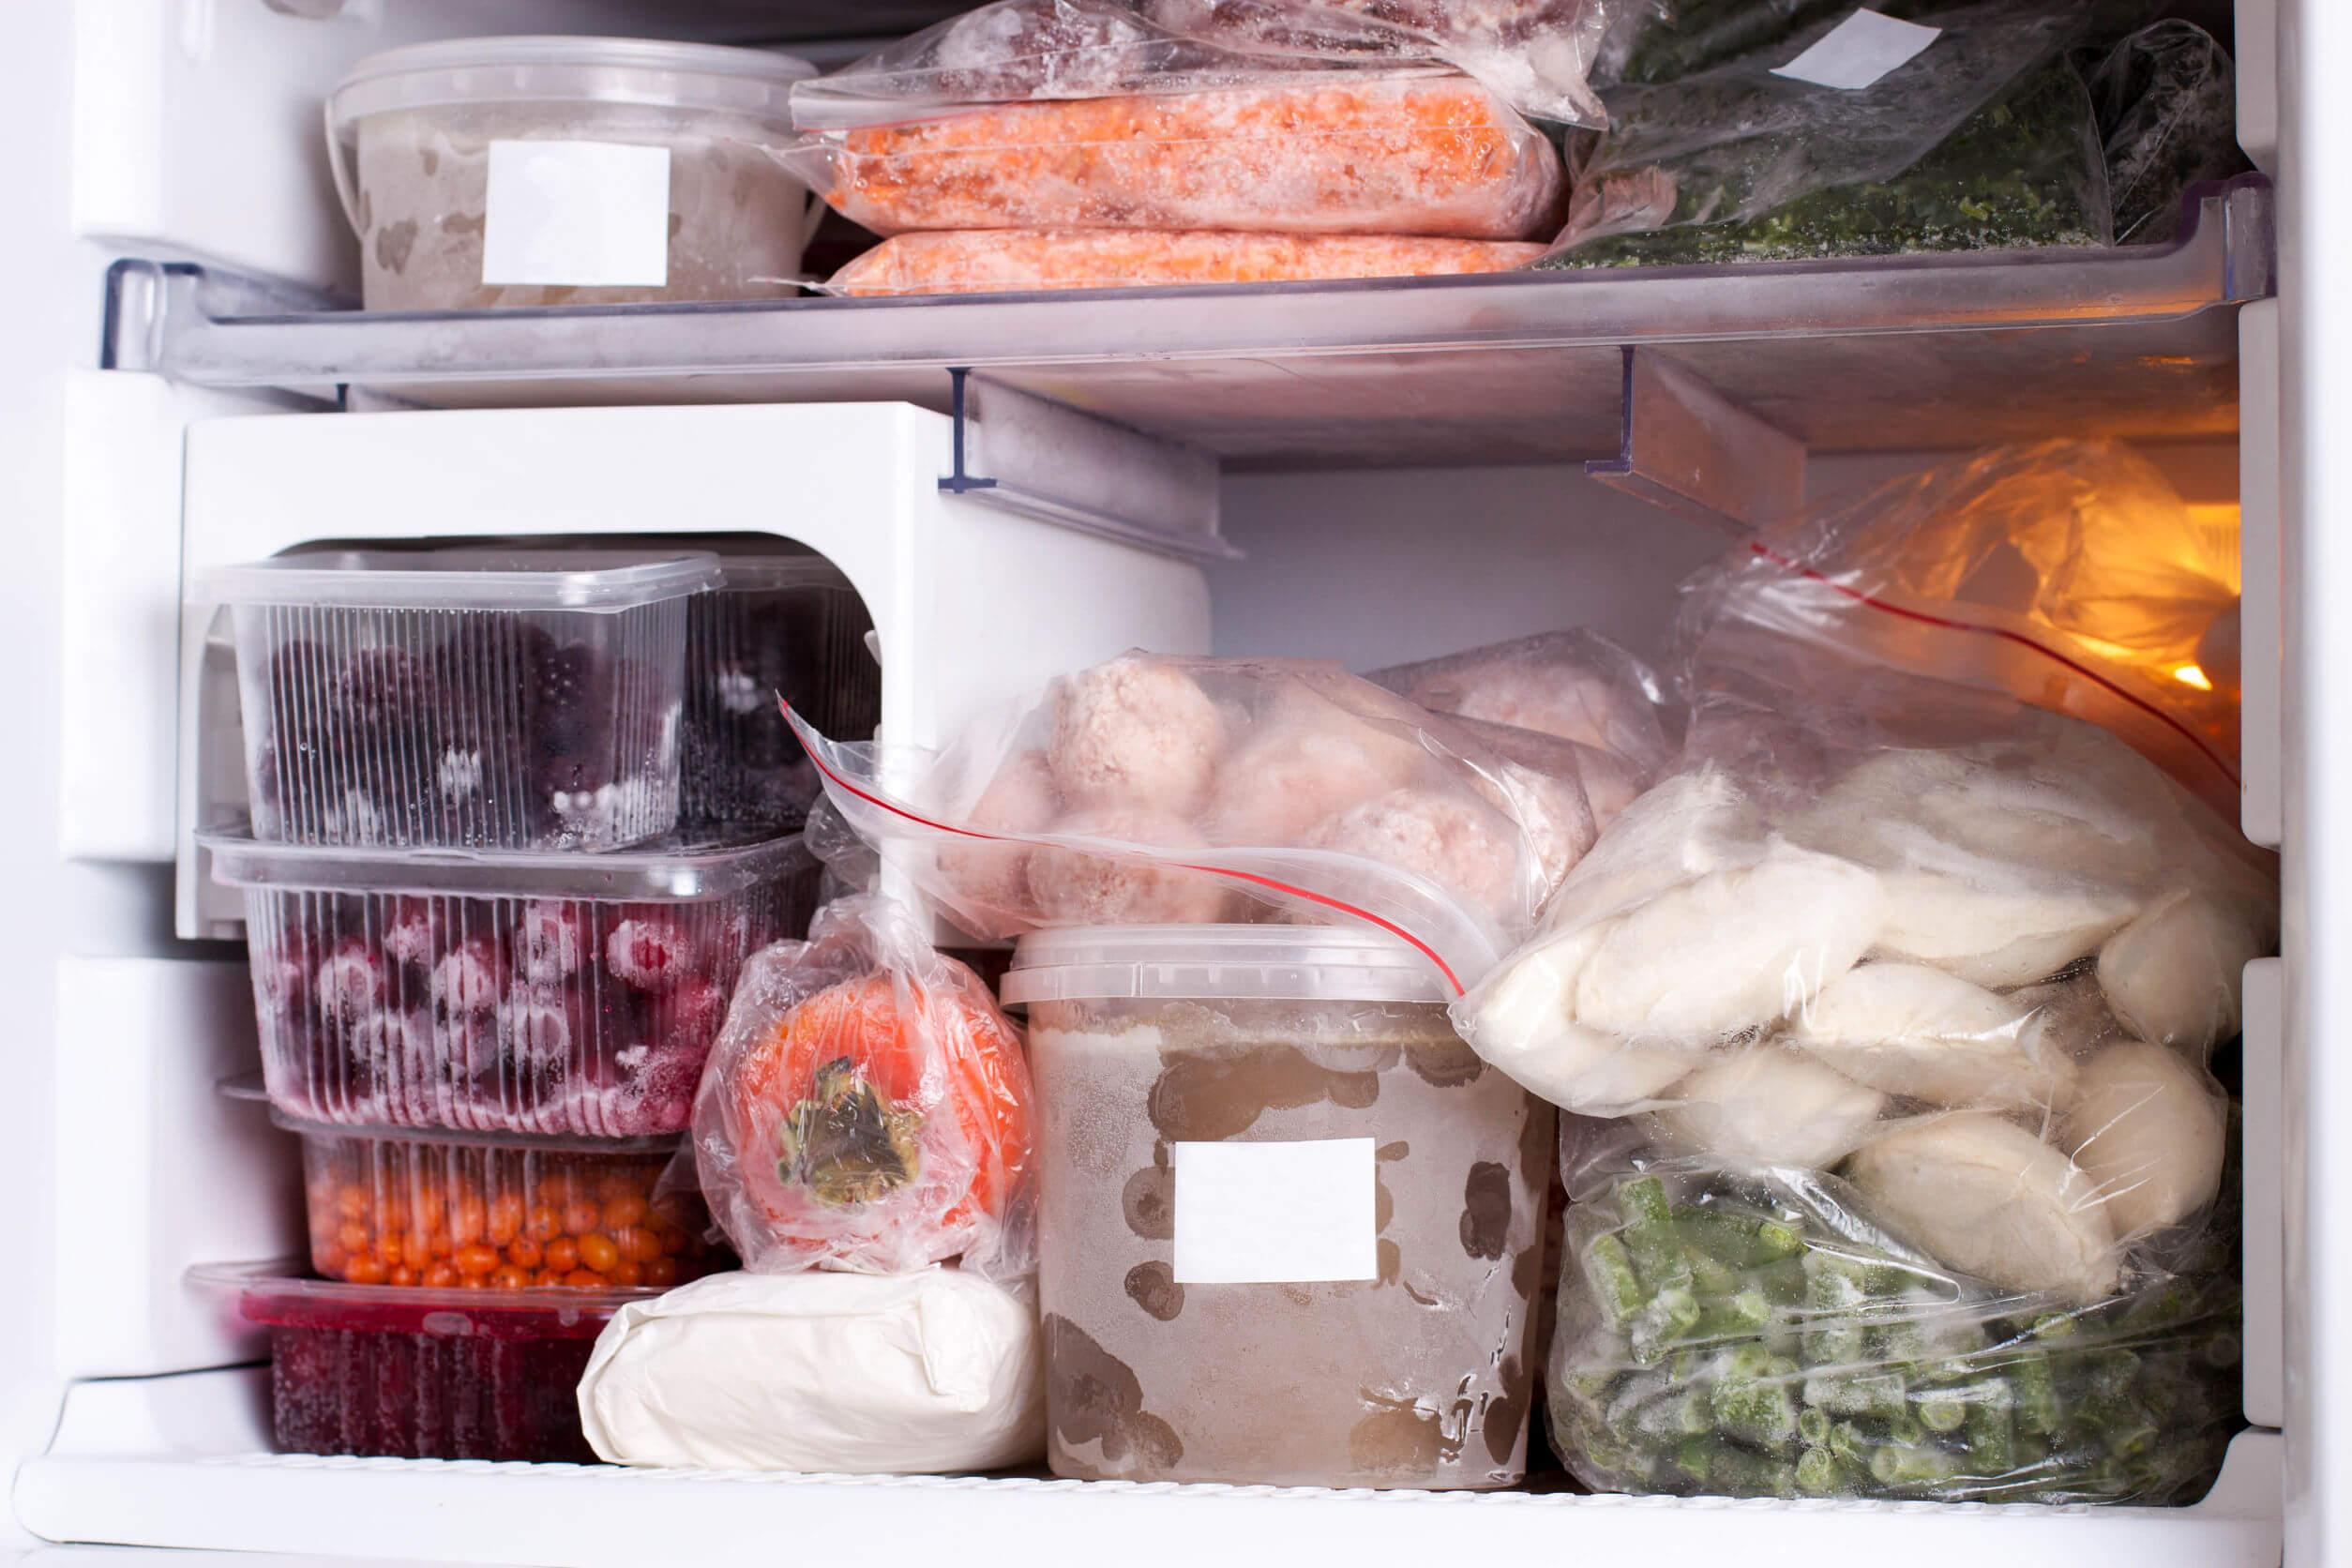 Los alimentos congelados pueden mantenerse durante largos períodos de tiempo.